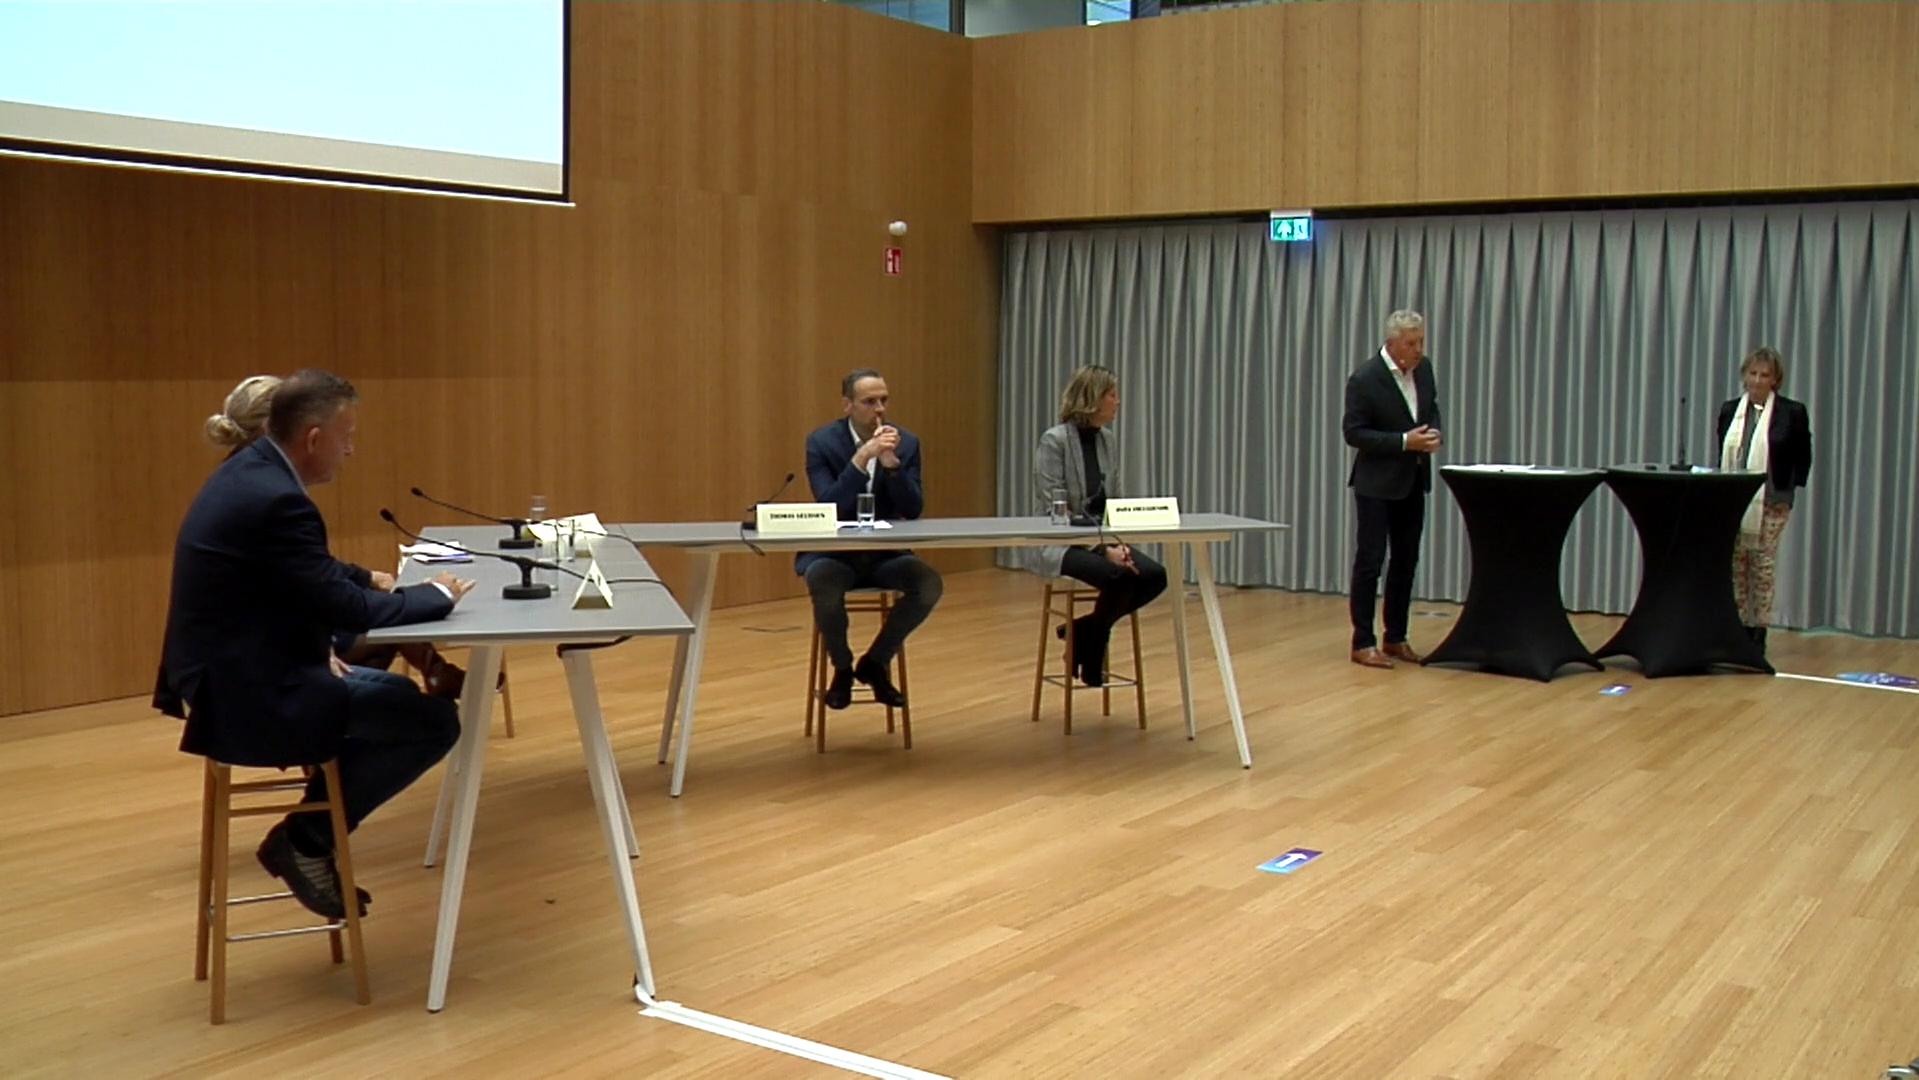 Gezondheidsakkoord Zuid-Limburg: Van alliantie naar brede beweging met impact